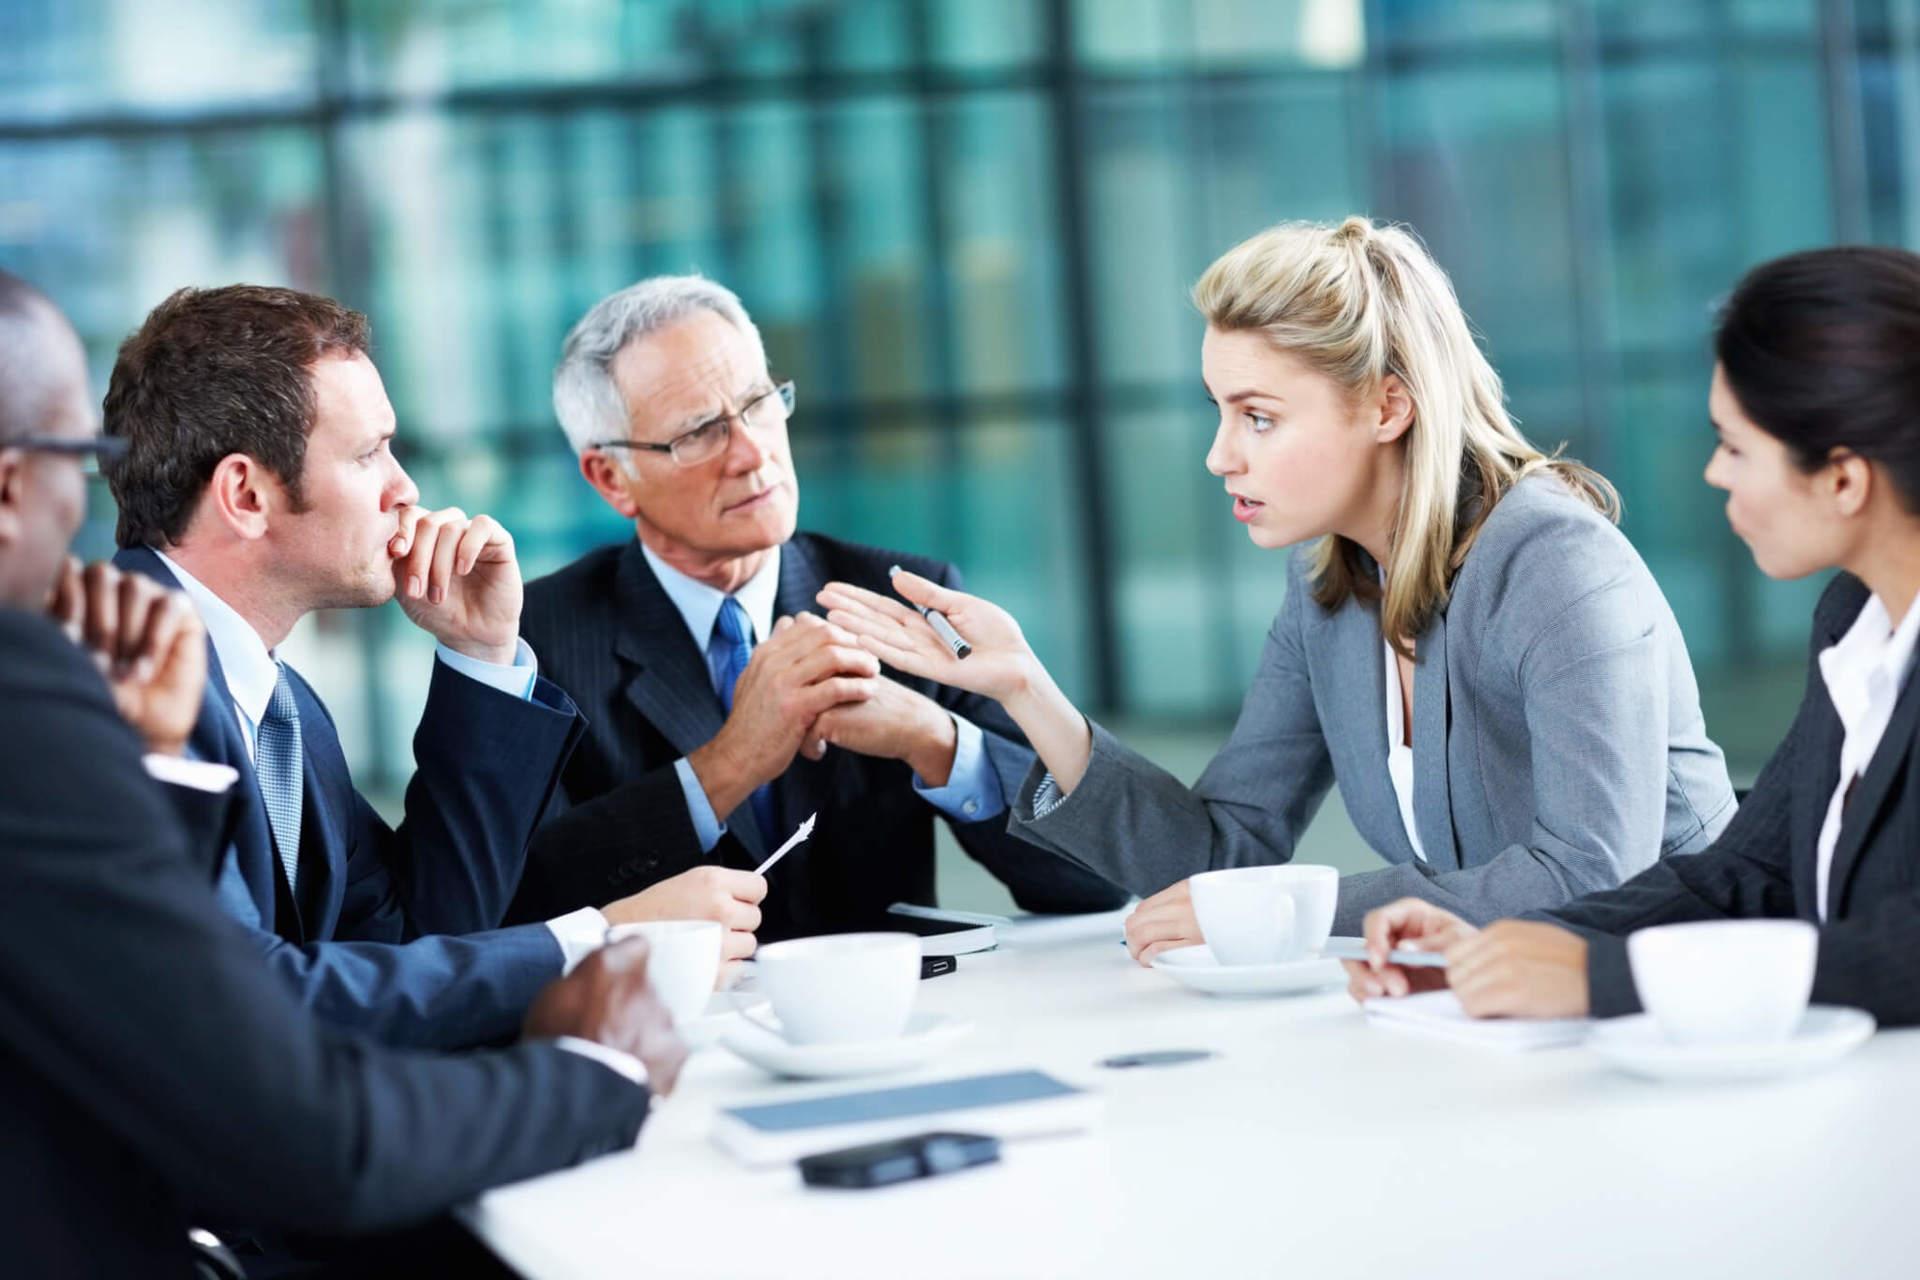 Картинка для презентации переговоры